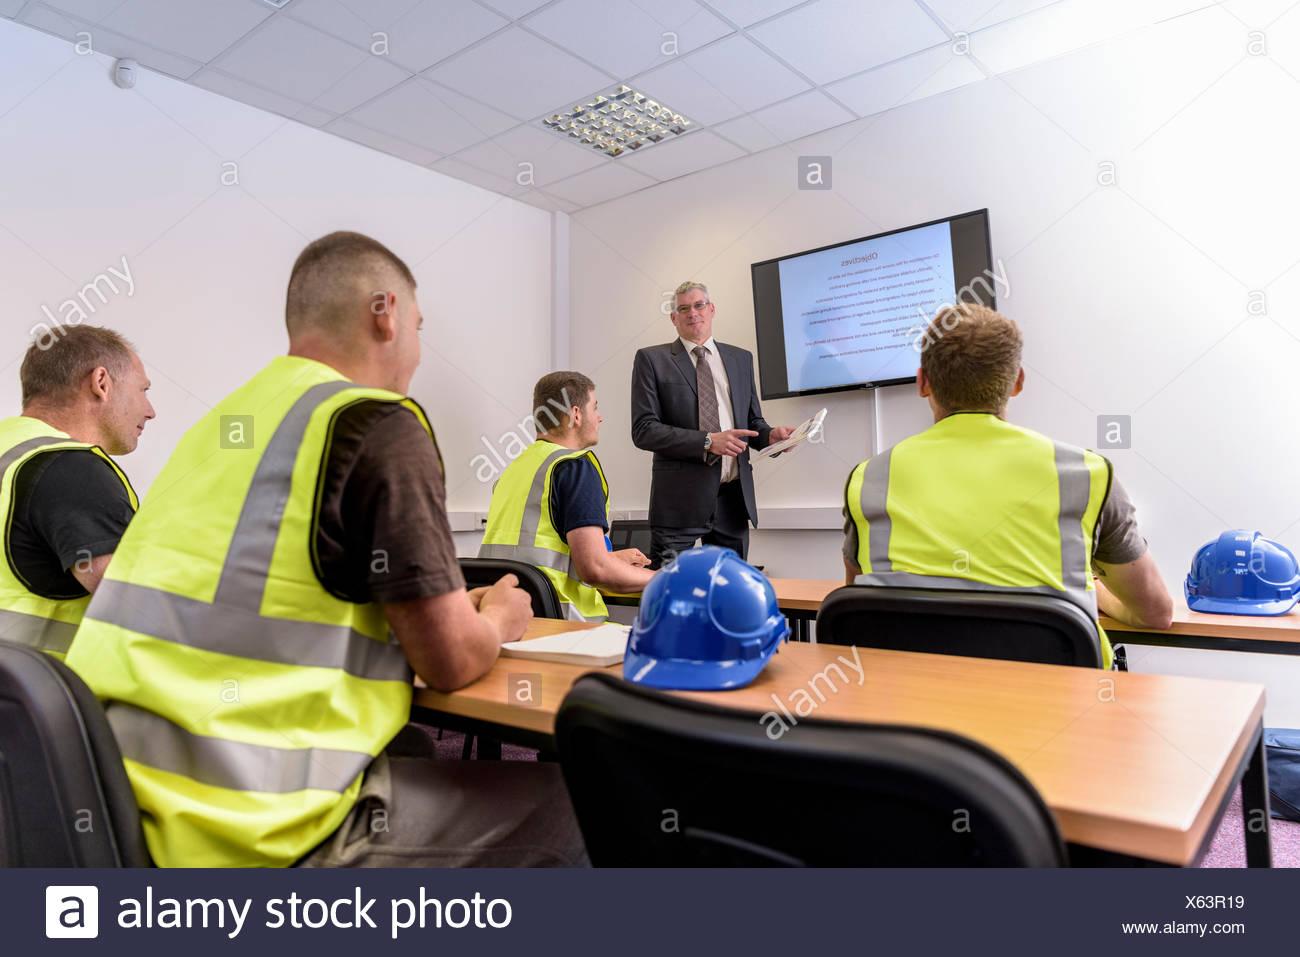 Lehrling Bauherren in Präsentation in Schulungseinrichtung Stockbild